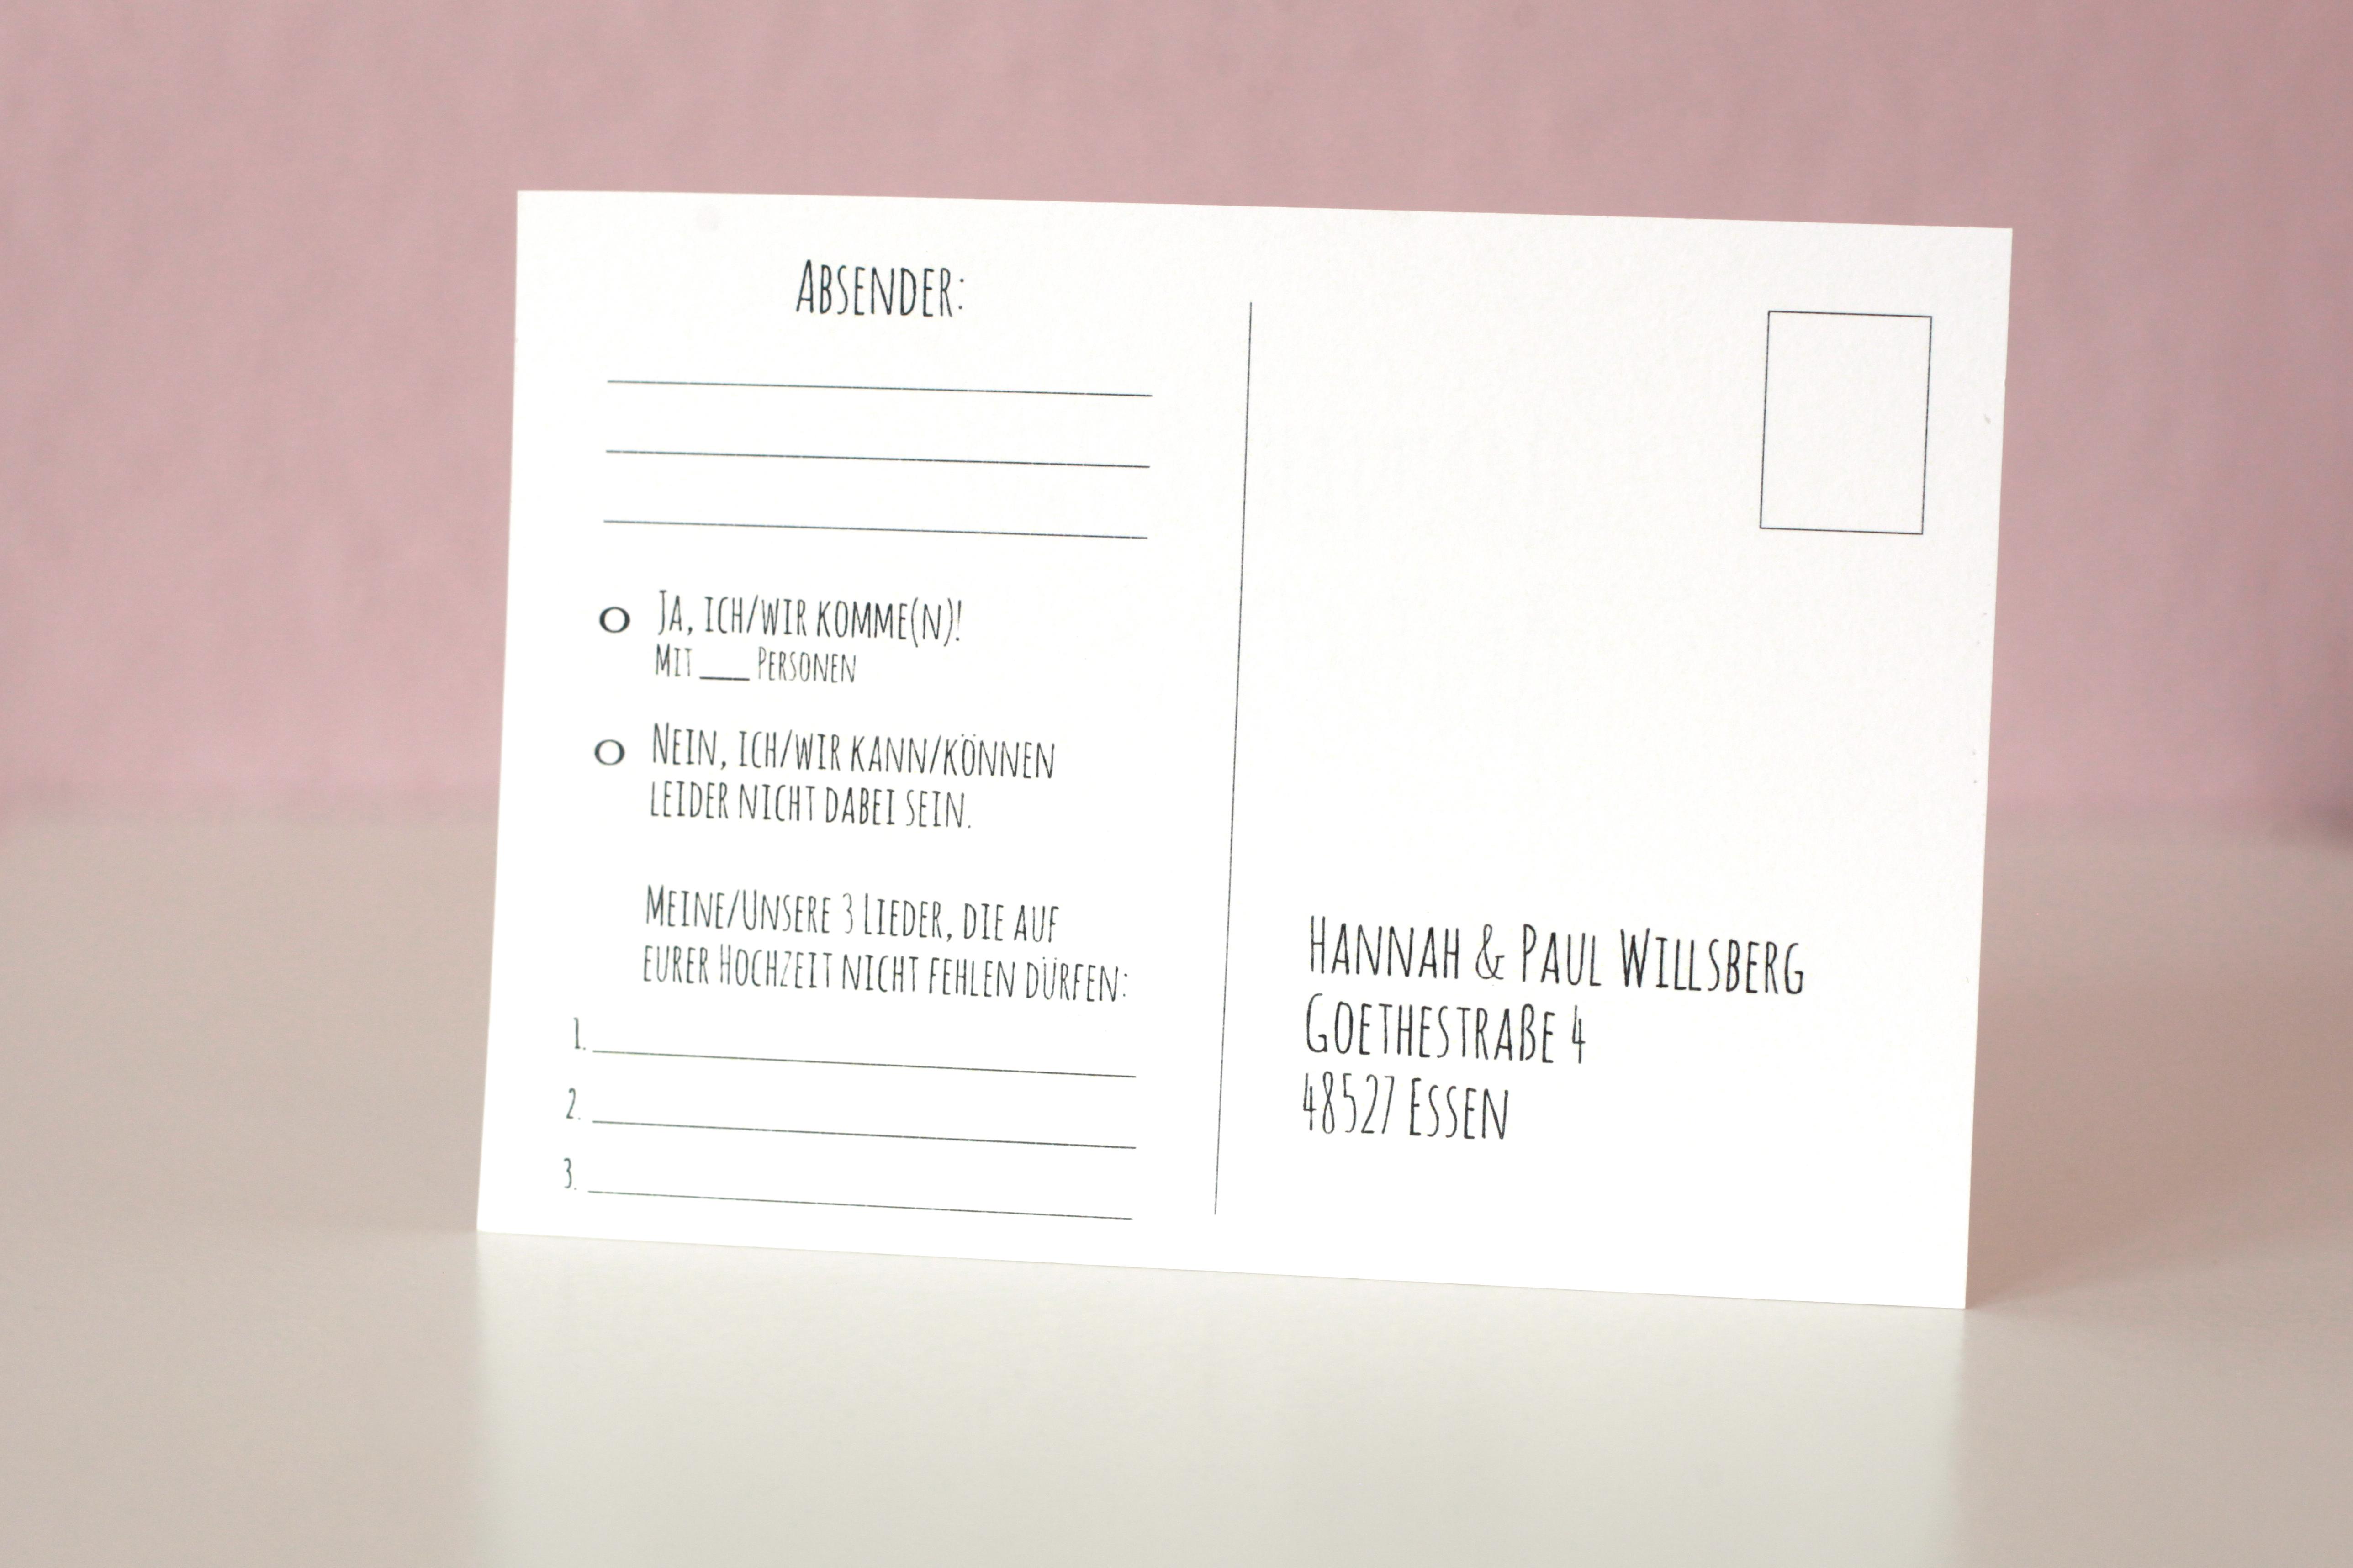 Frau Tv Heiraten Ja Oder Nein Ard Mediathek